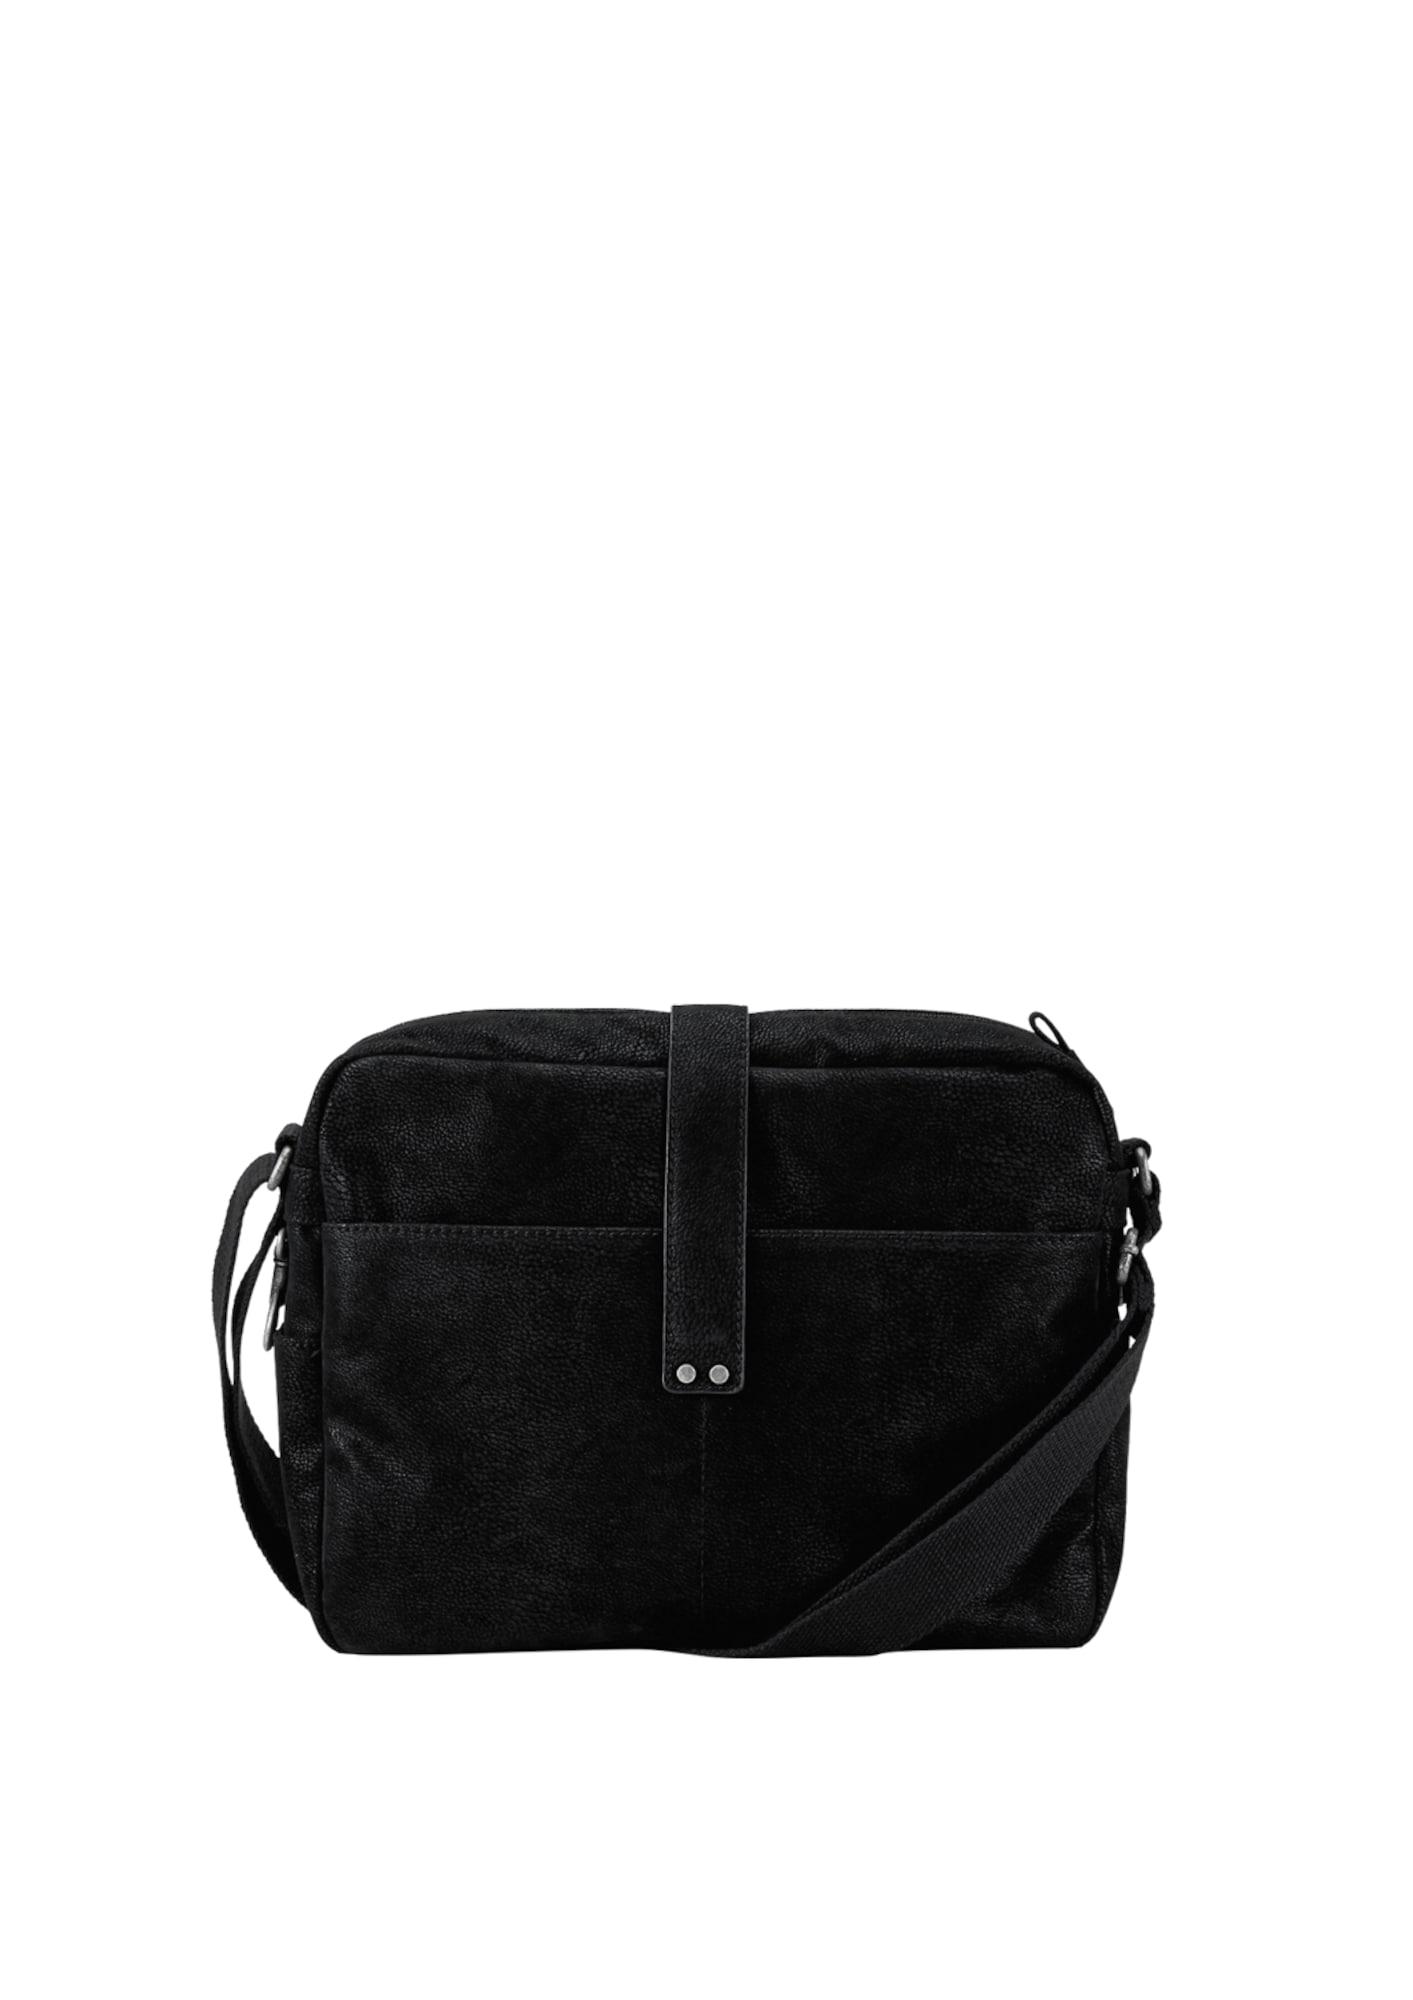 Messenger Bag | Taschen > Business Taschen > Messenger Bags | S.Oliver